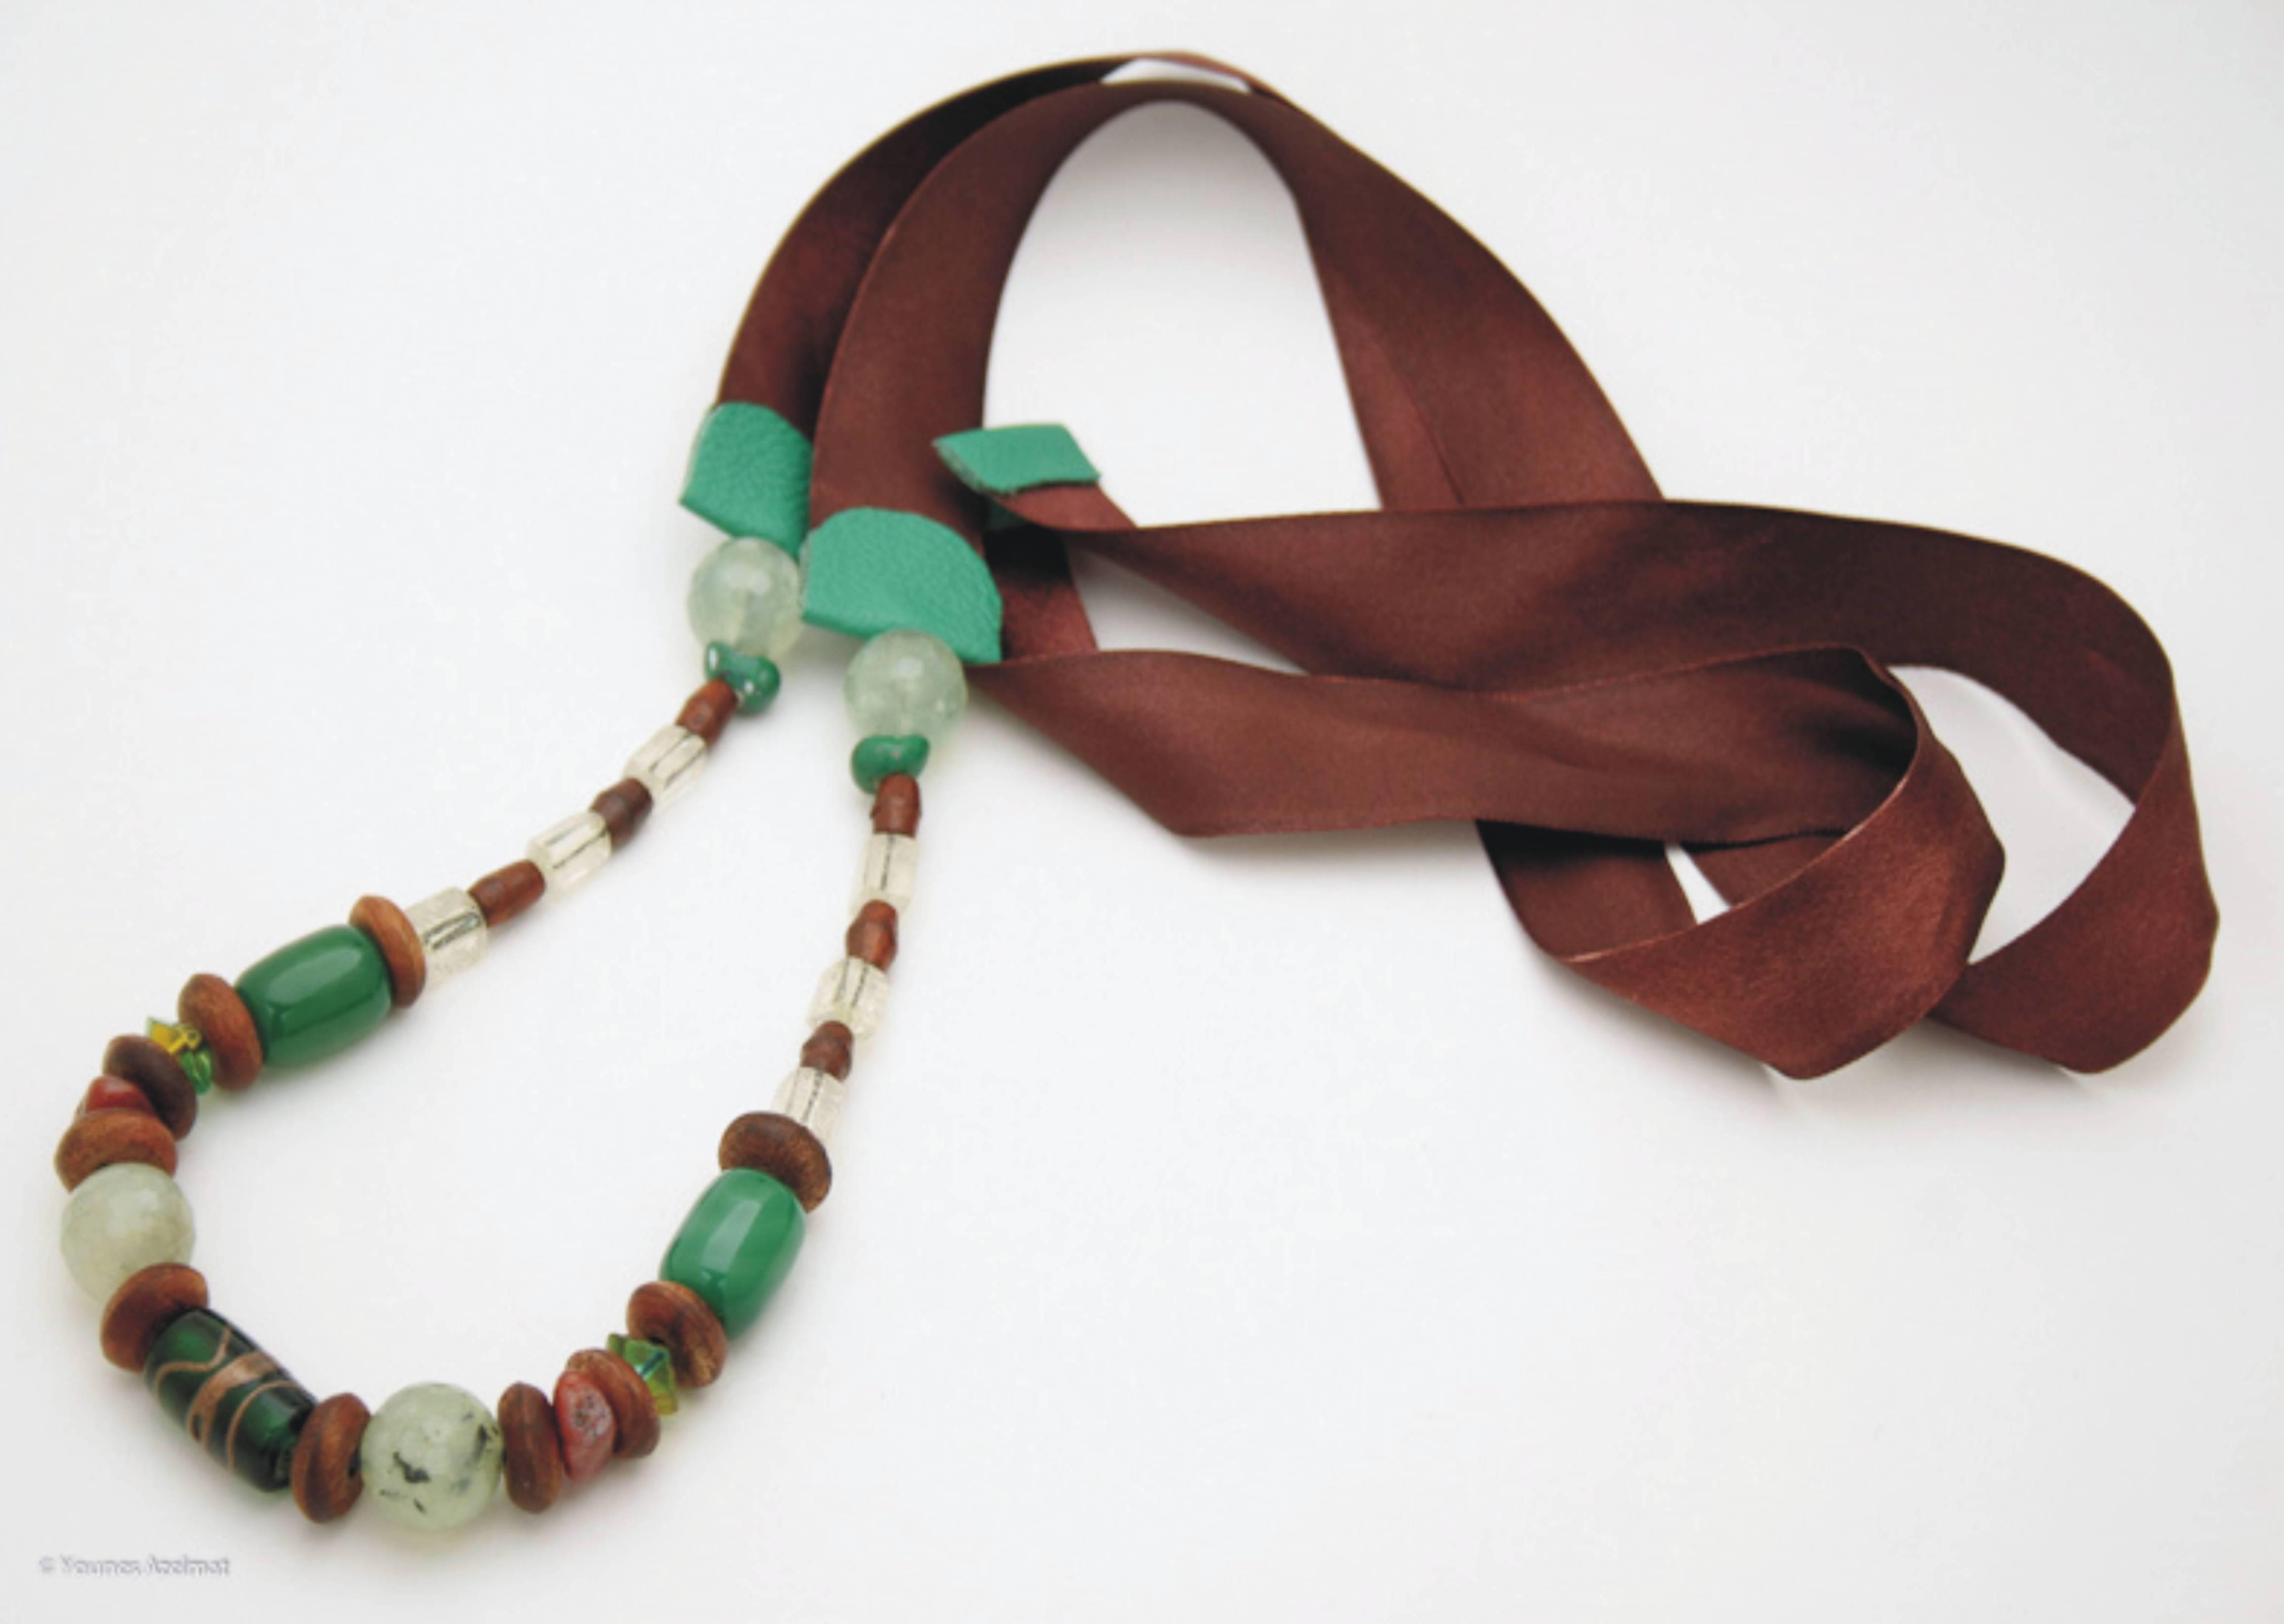 Couleur De L Emeraude parnassius collier à ruban satin couleurs sienne et émeraude